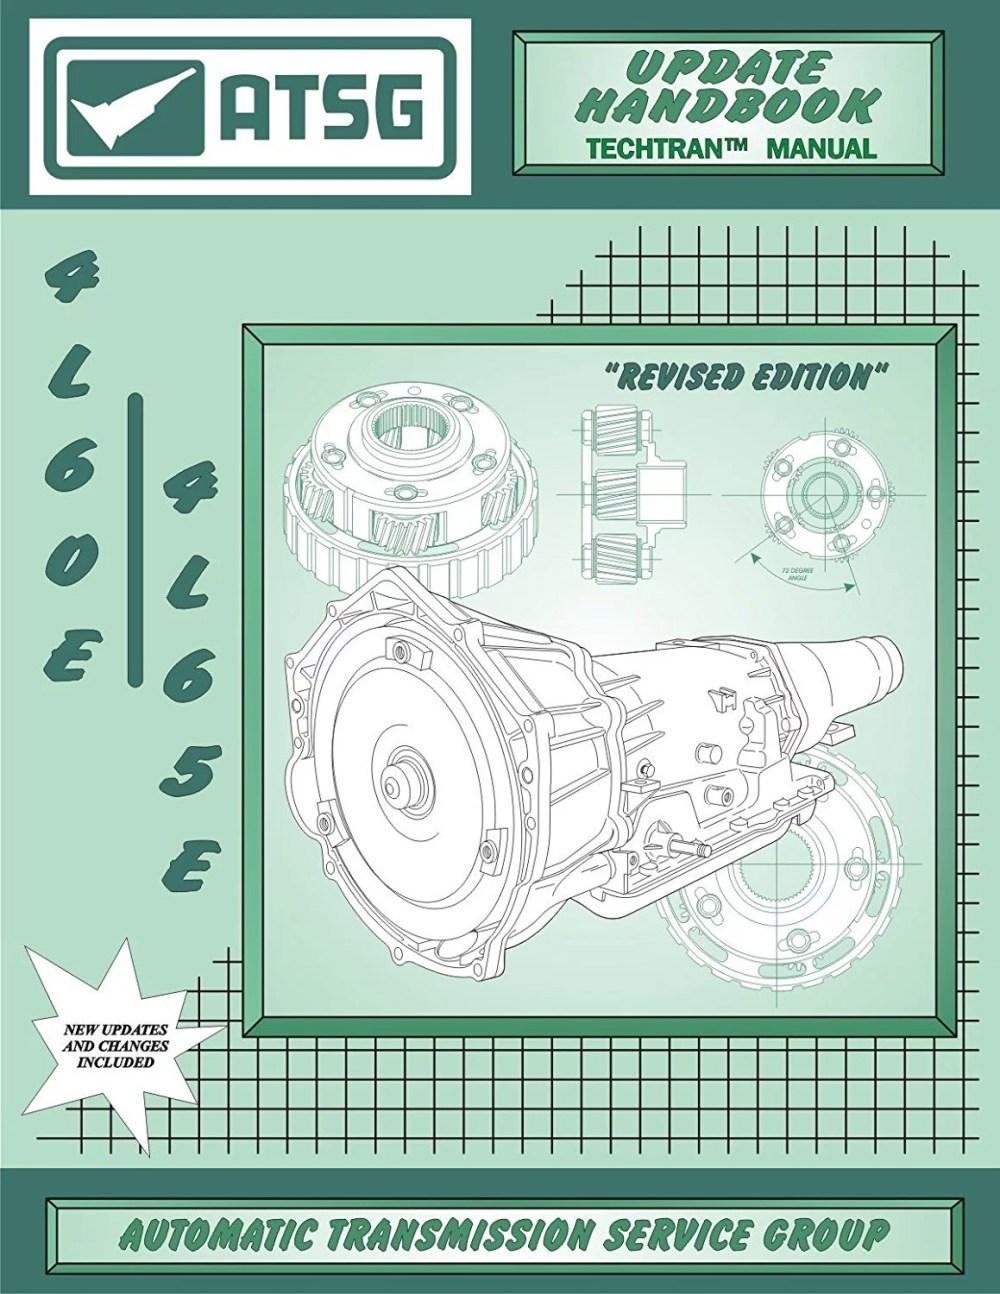 medium resolution of 4l60e 4l65e update handbook gm thm transmission update repair manual 4l60e transmission rebuild kit 4l60e shift kit 4l60e valve body best repair book